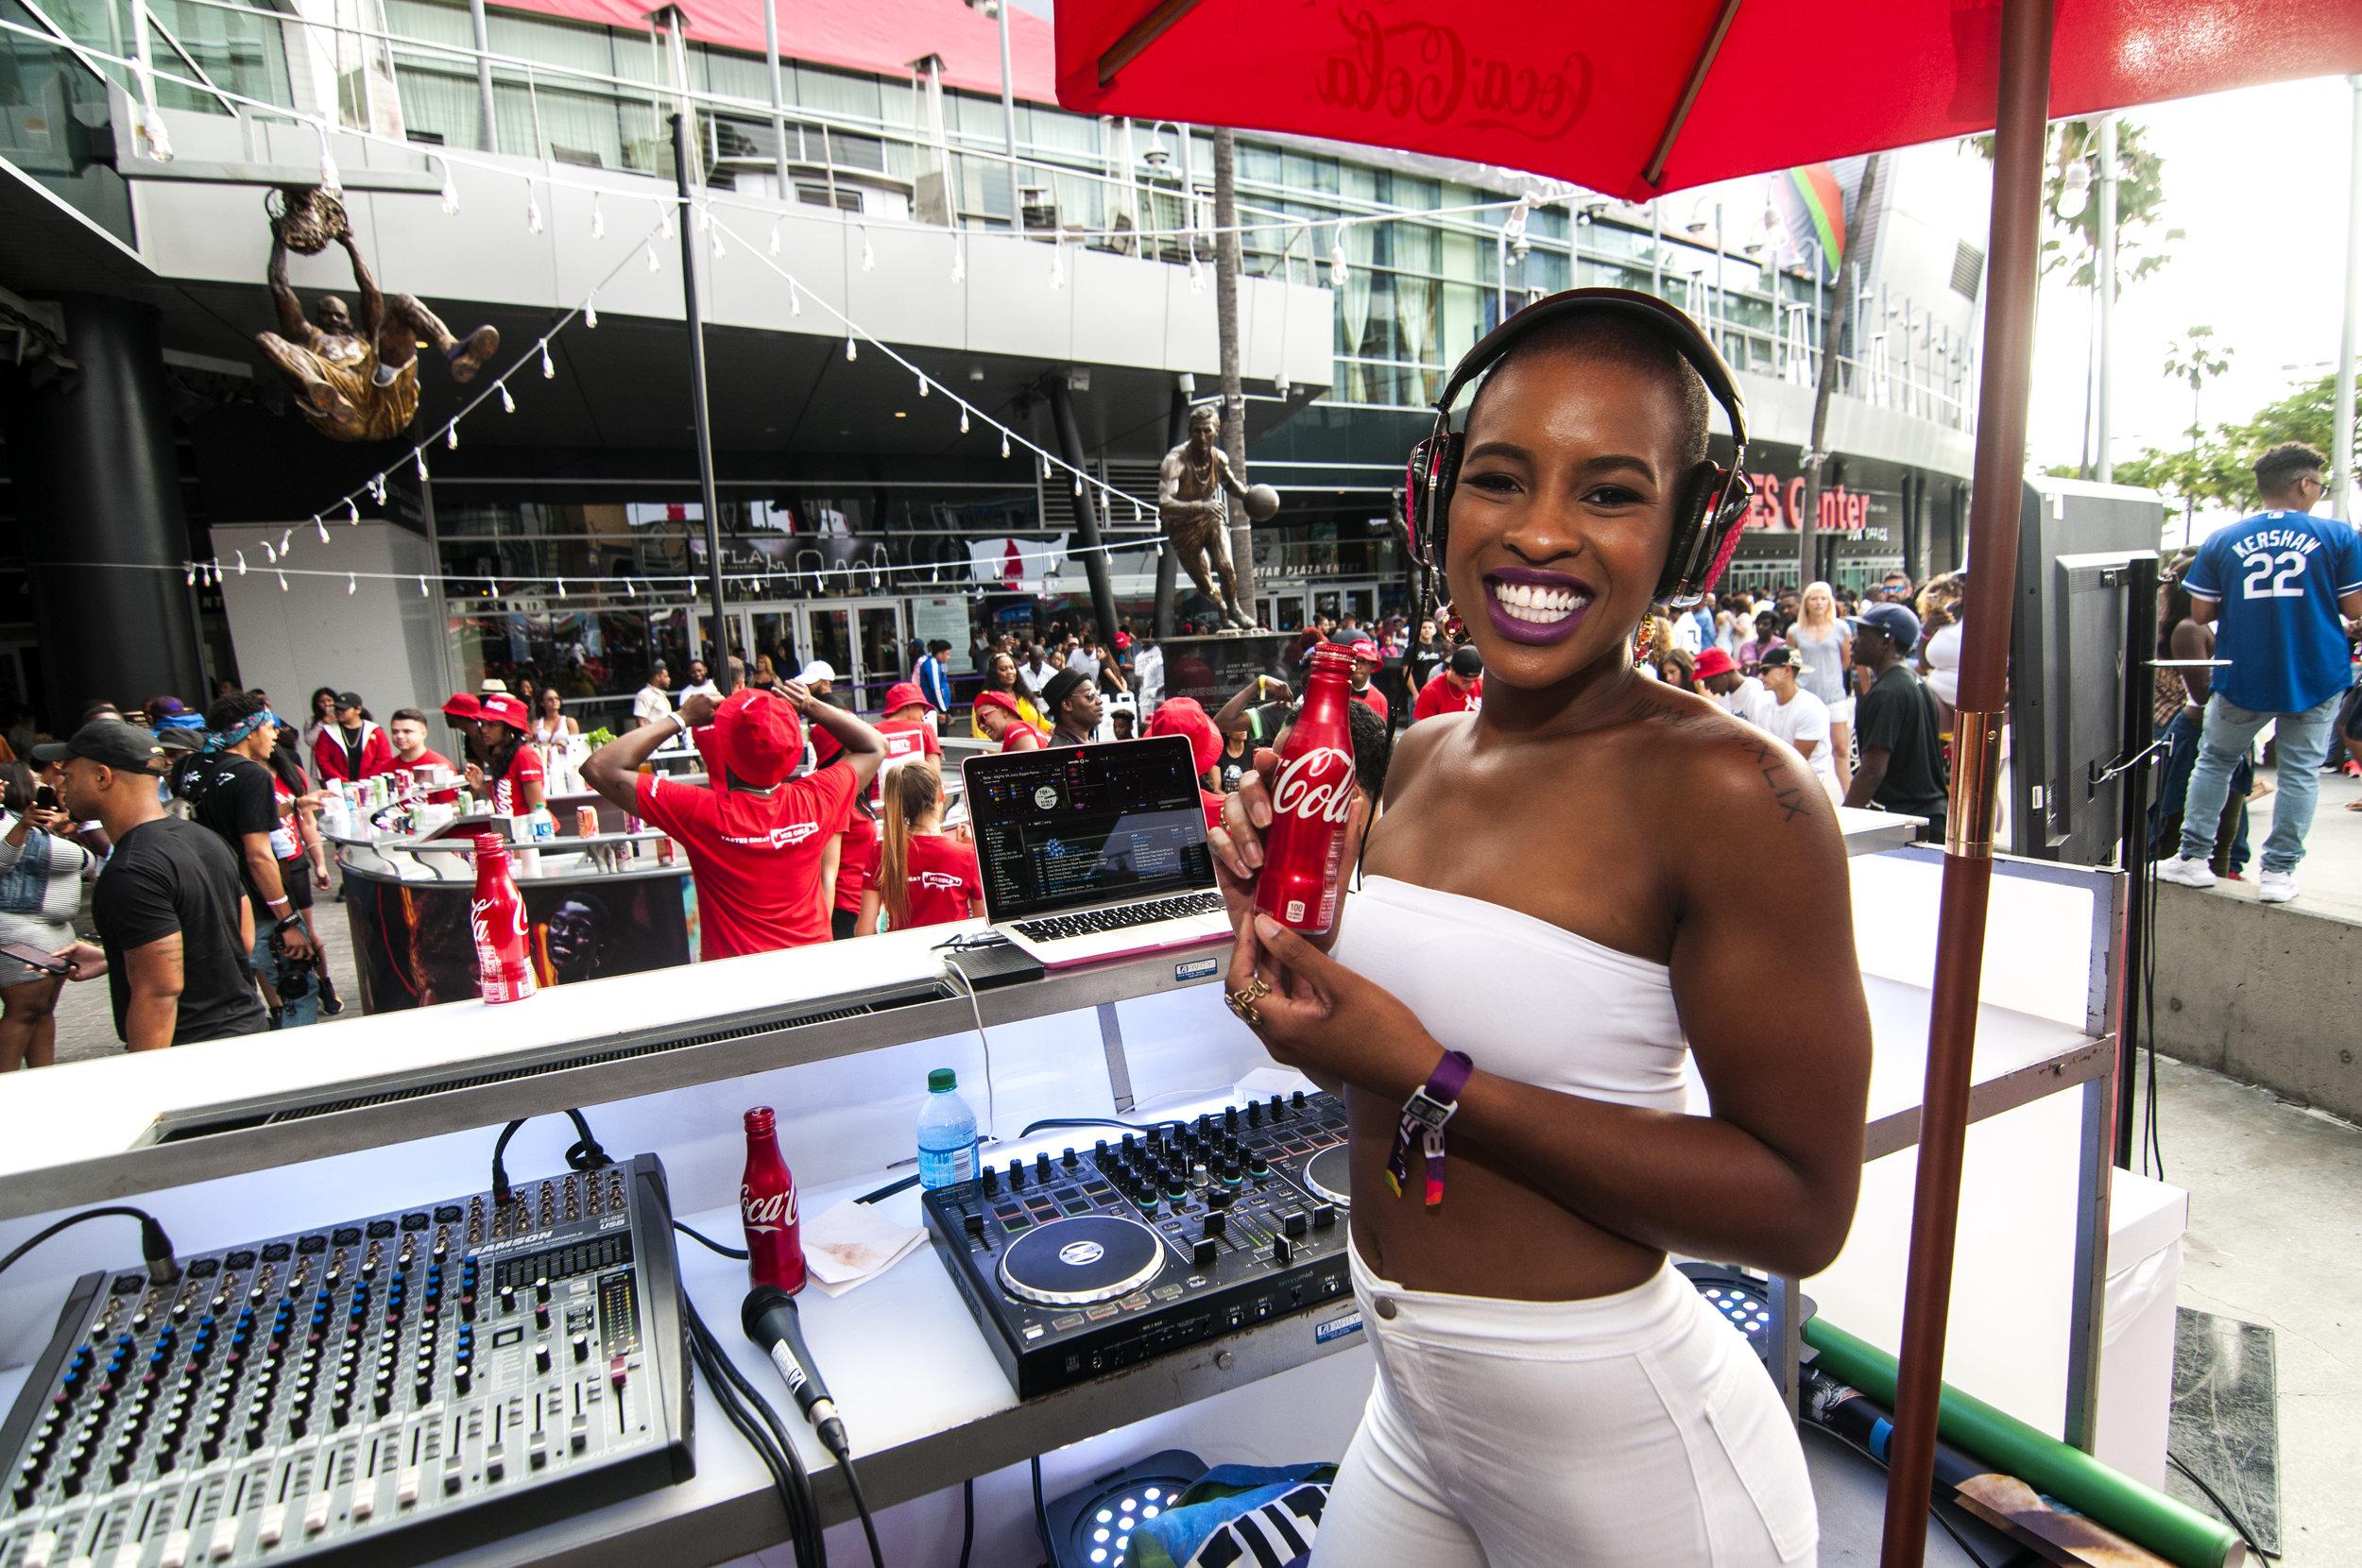 DJ Shai